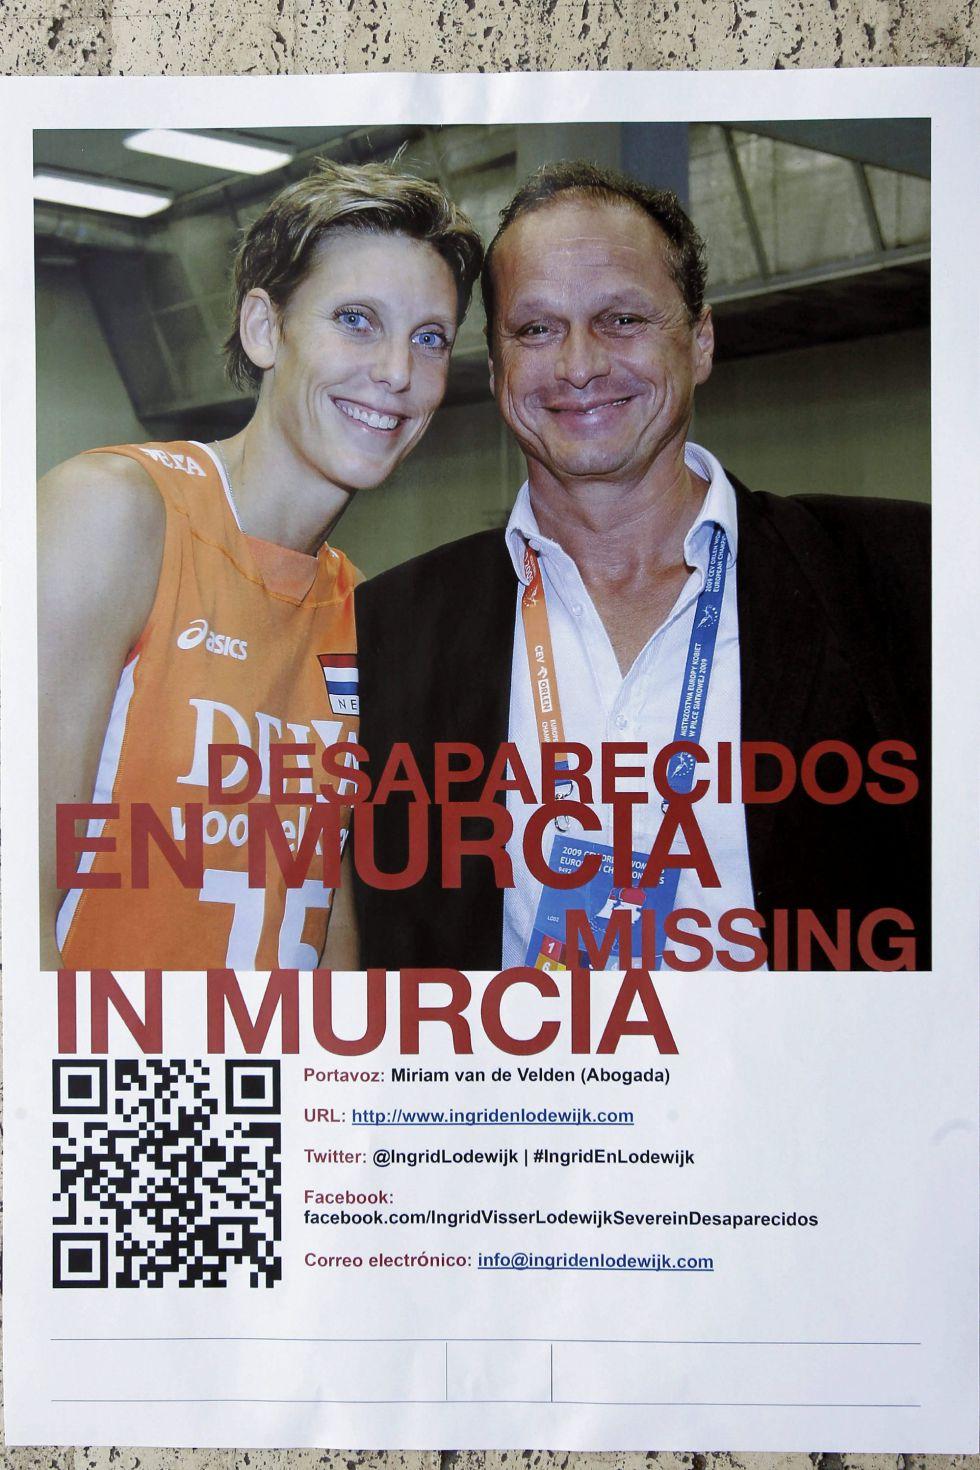 Voleibol - Página 2 1369642219_118140_1369642311_noticia_grande